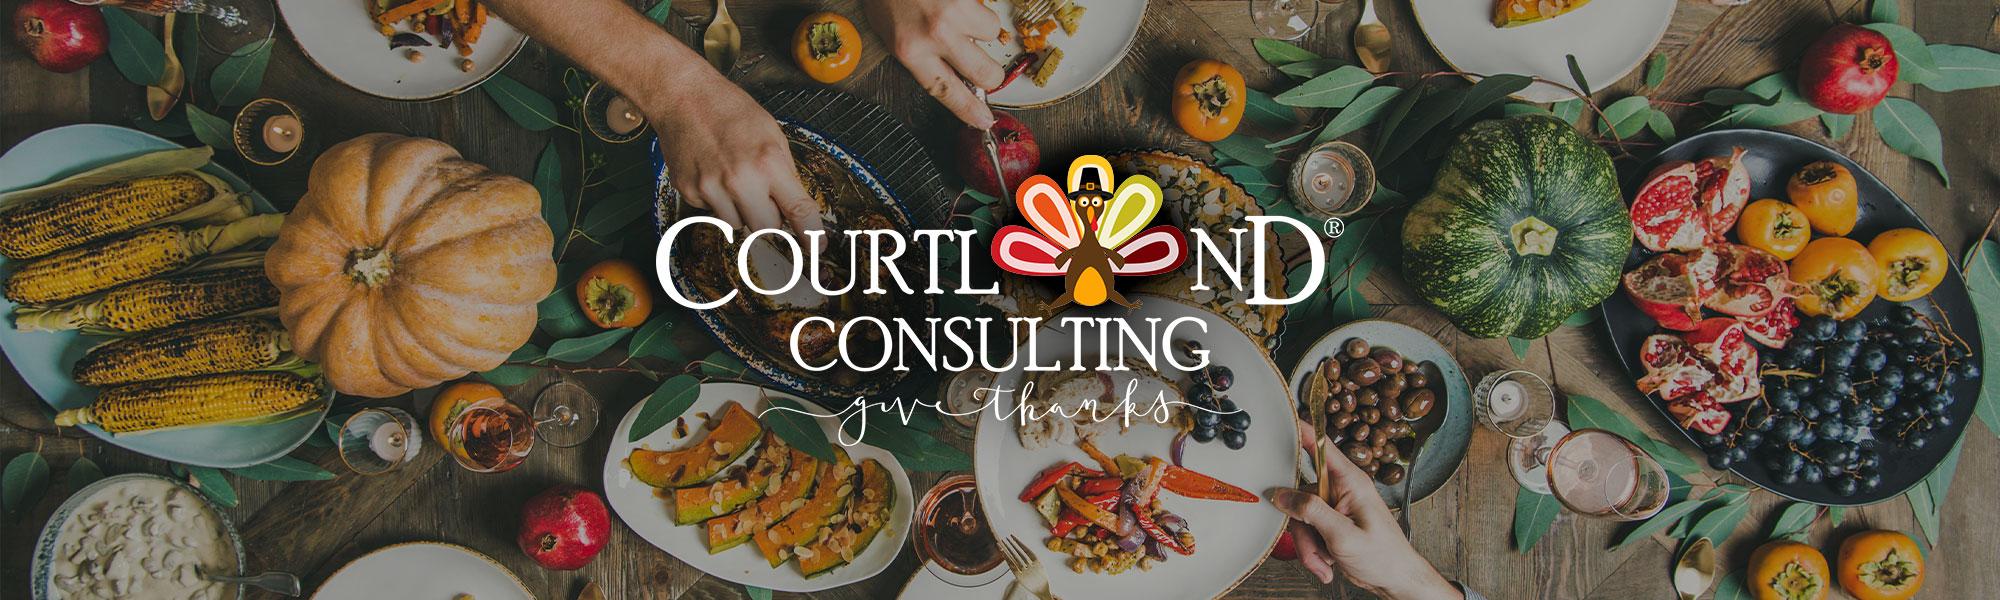 Courtland logo festive makeover